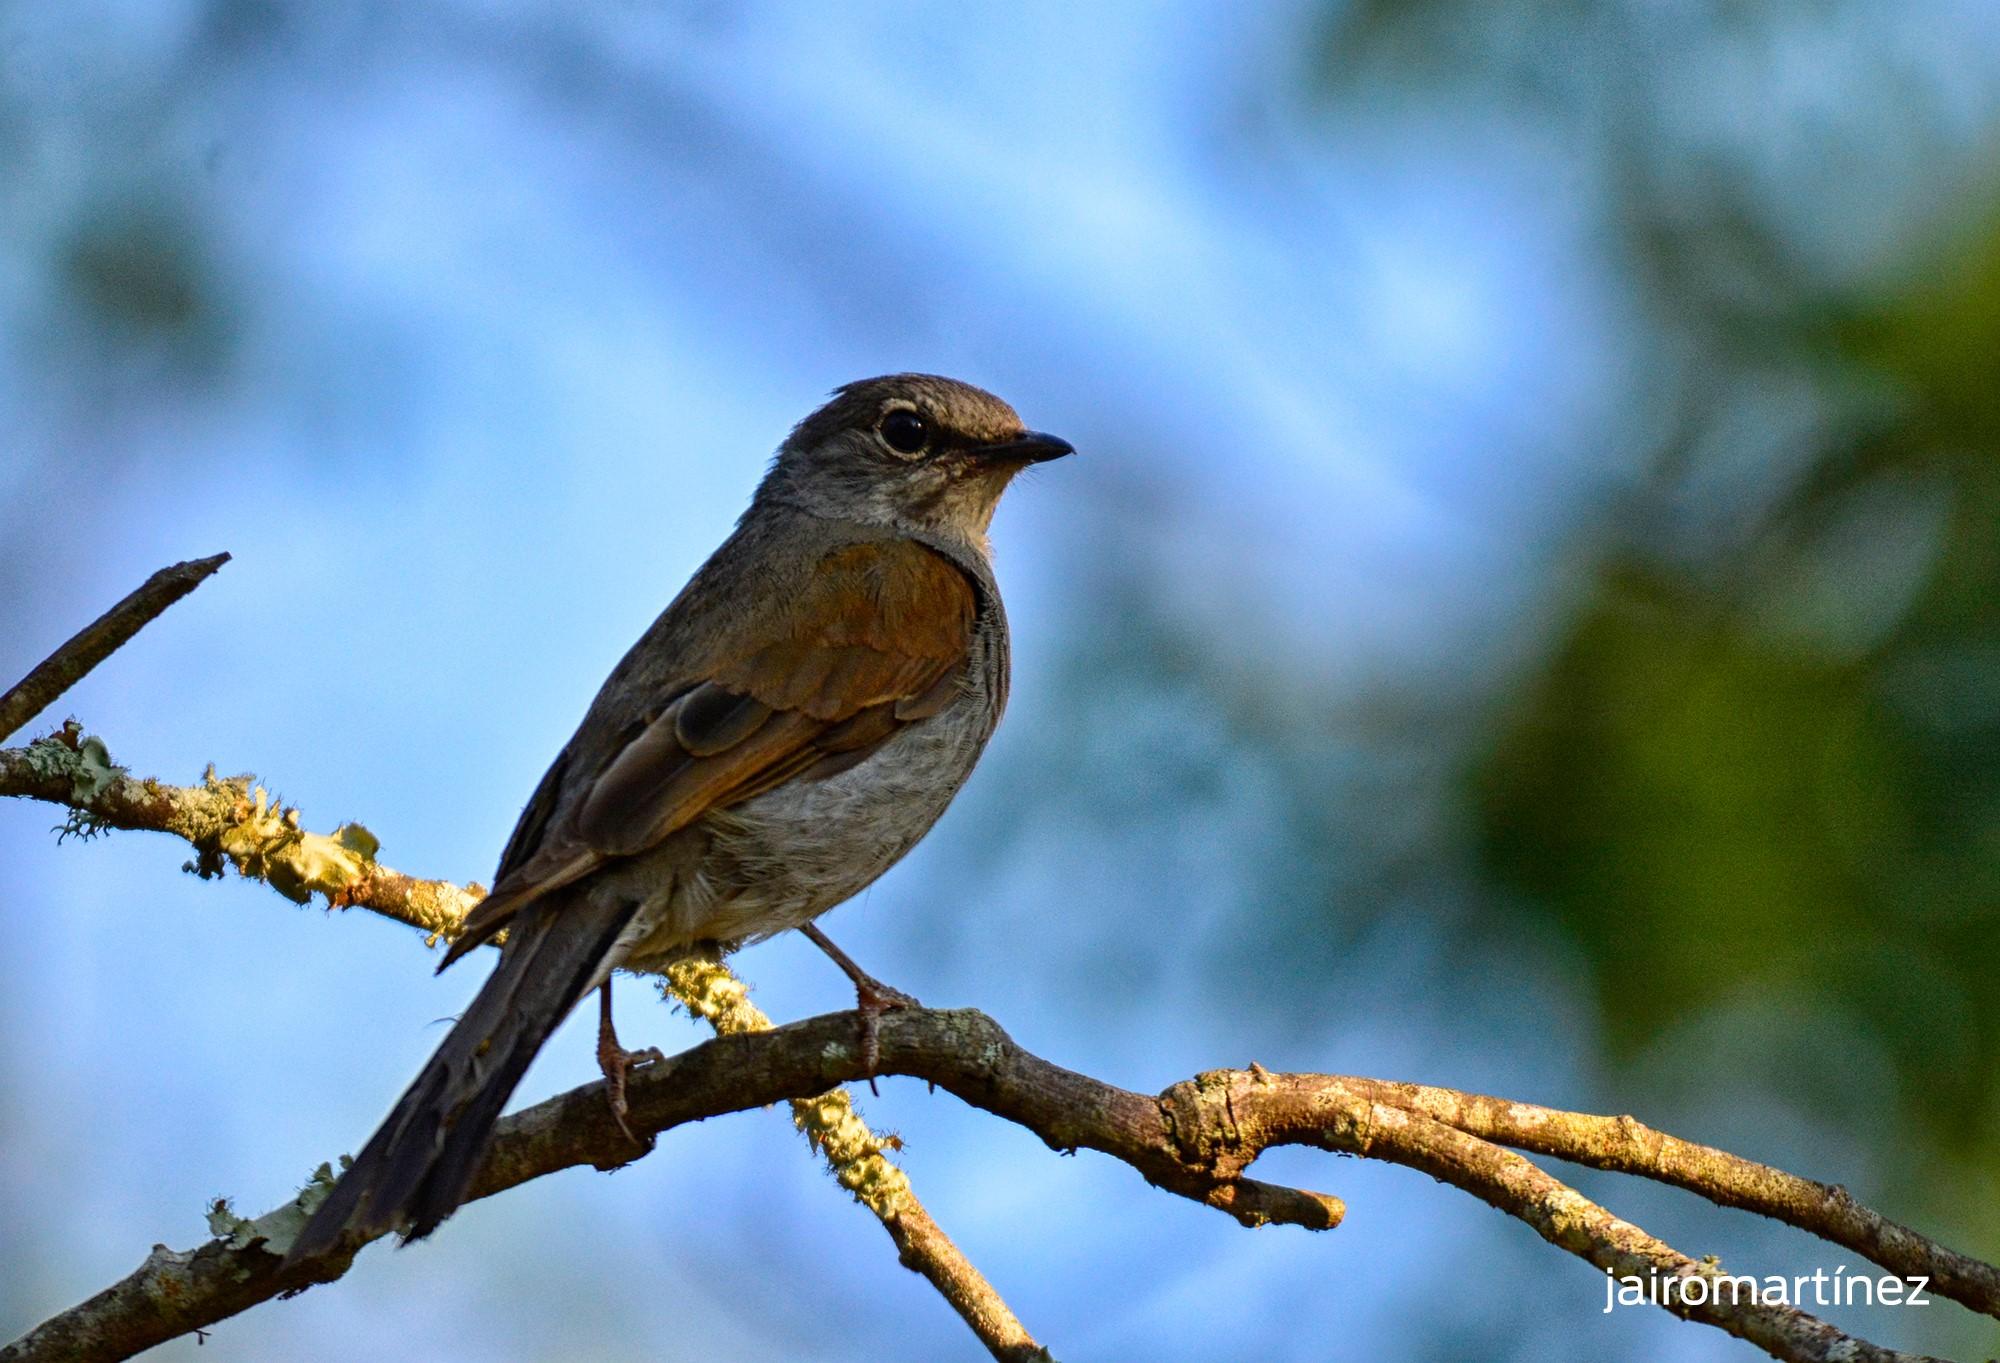 Cuánto cuesta admirar aves y volcanes en Colima aves